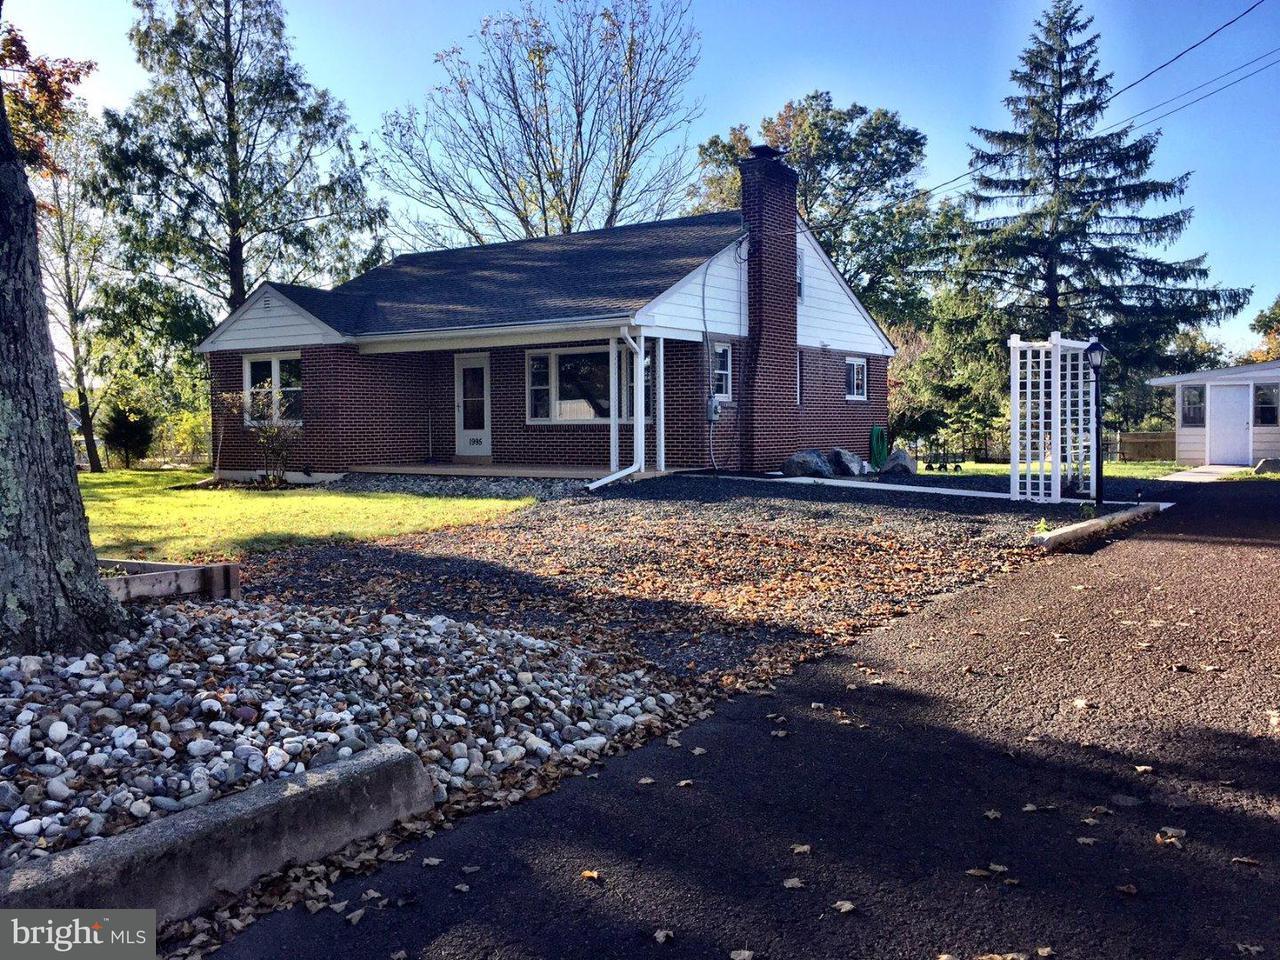 Частный односемейный дом для того Продажа на 1995 E CHERRY Lane Souderton, Пенсильвания 18964 Соединенные Штаты